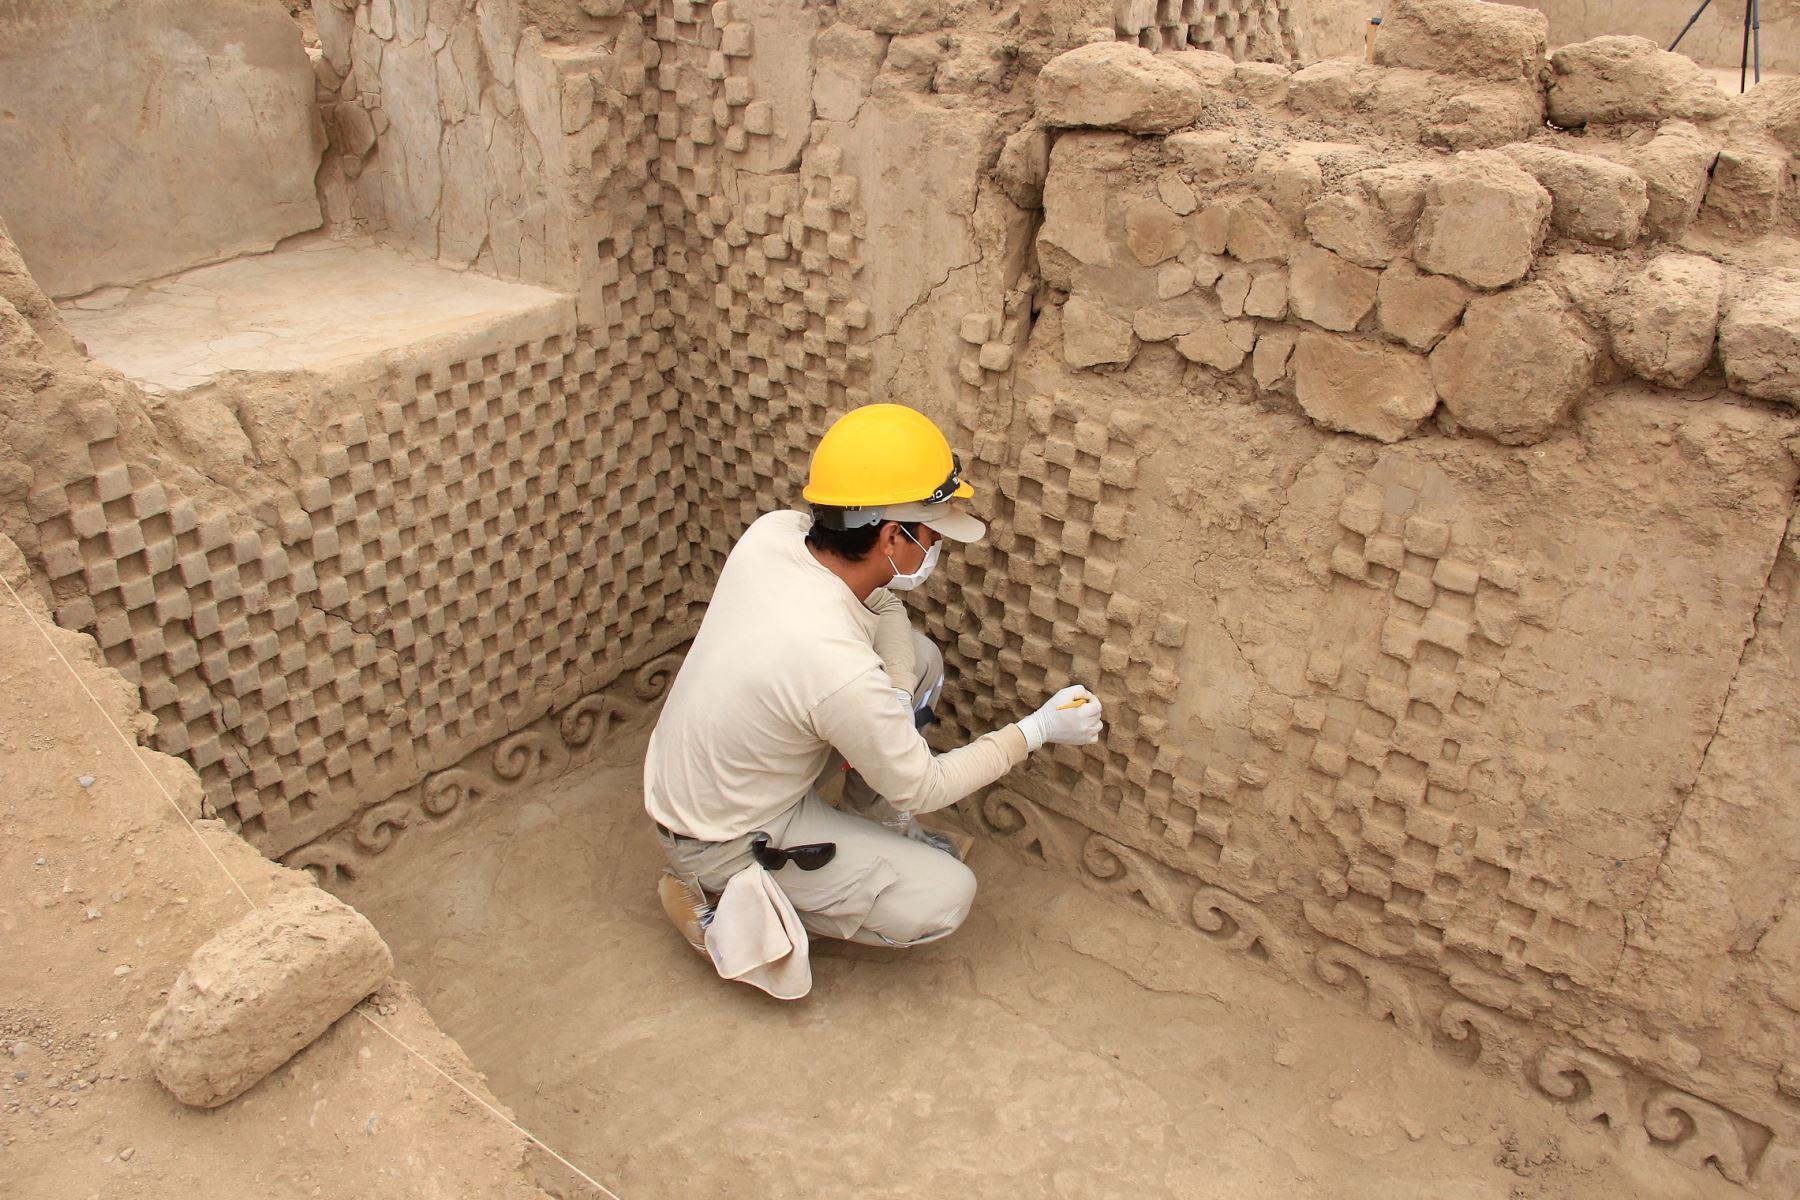 Hallan relieves de olas y escaques en muros perimetrales de Utzh An, en la ciudadela Chan Chan. ANDINA/Luis Puell